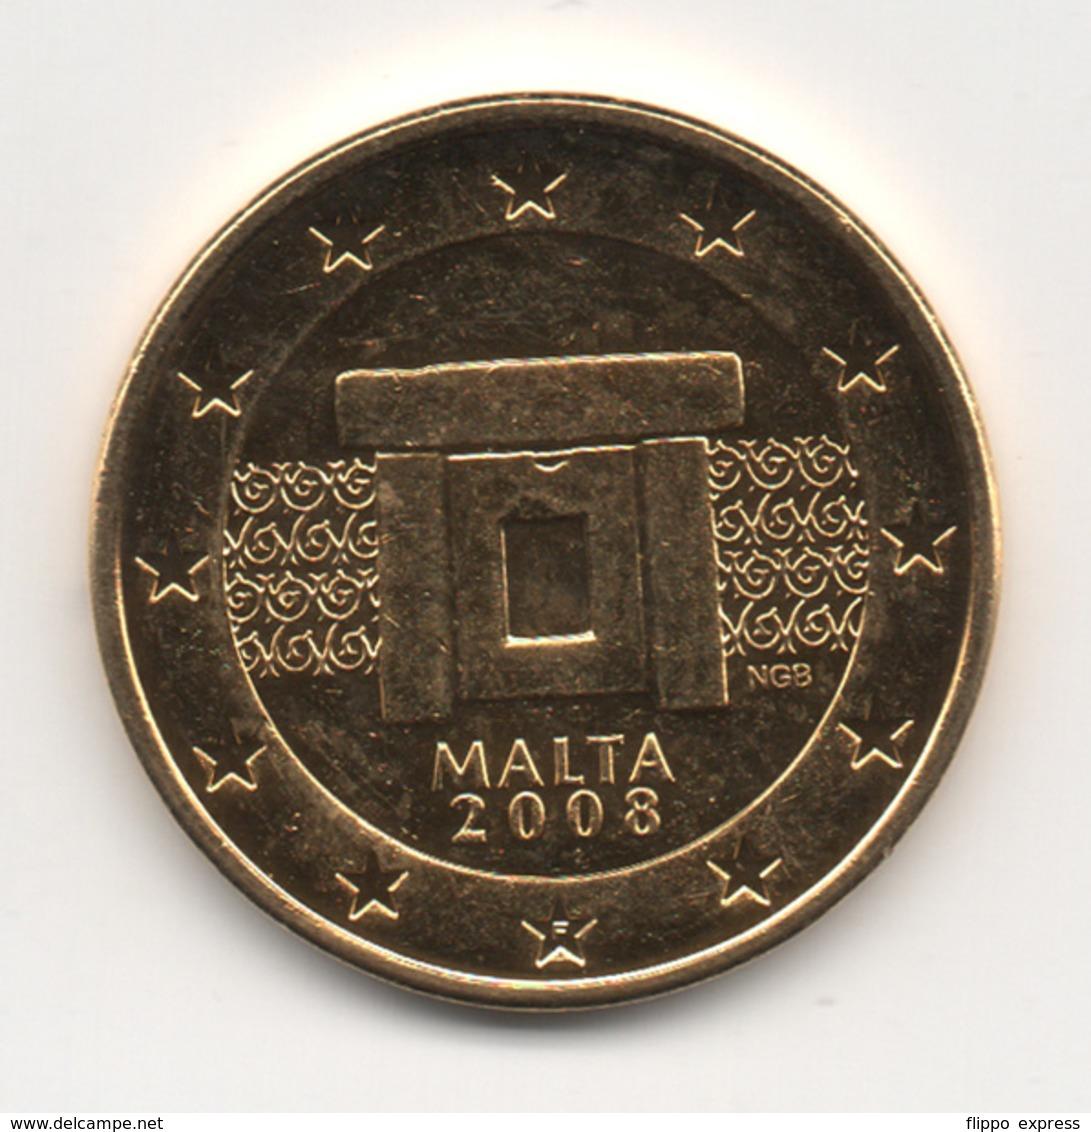 Malta, 2008, 5 Euro Cent, 24K Gold-Plated, UNC - Malte